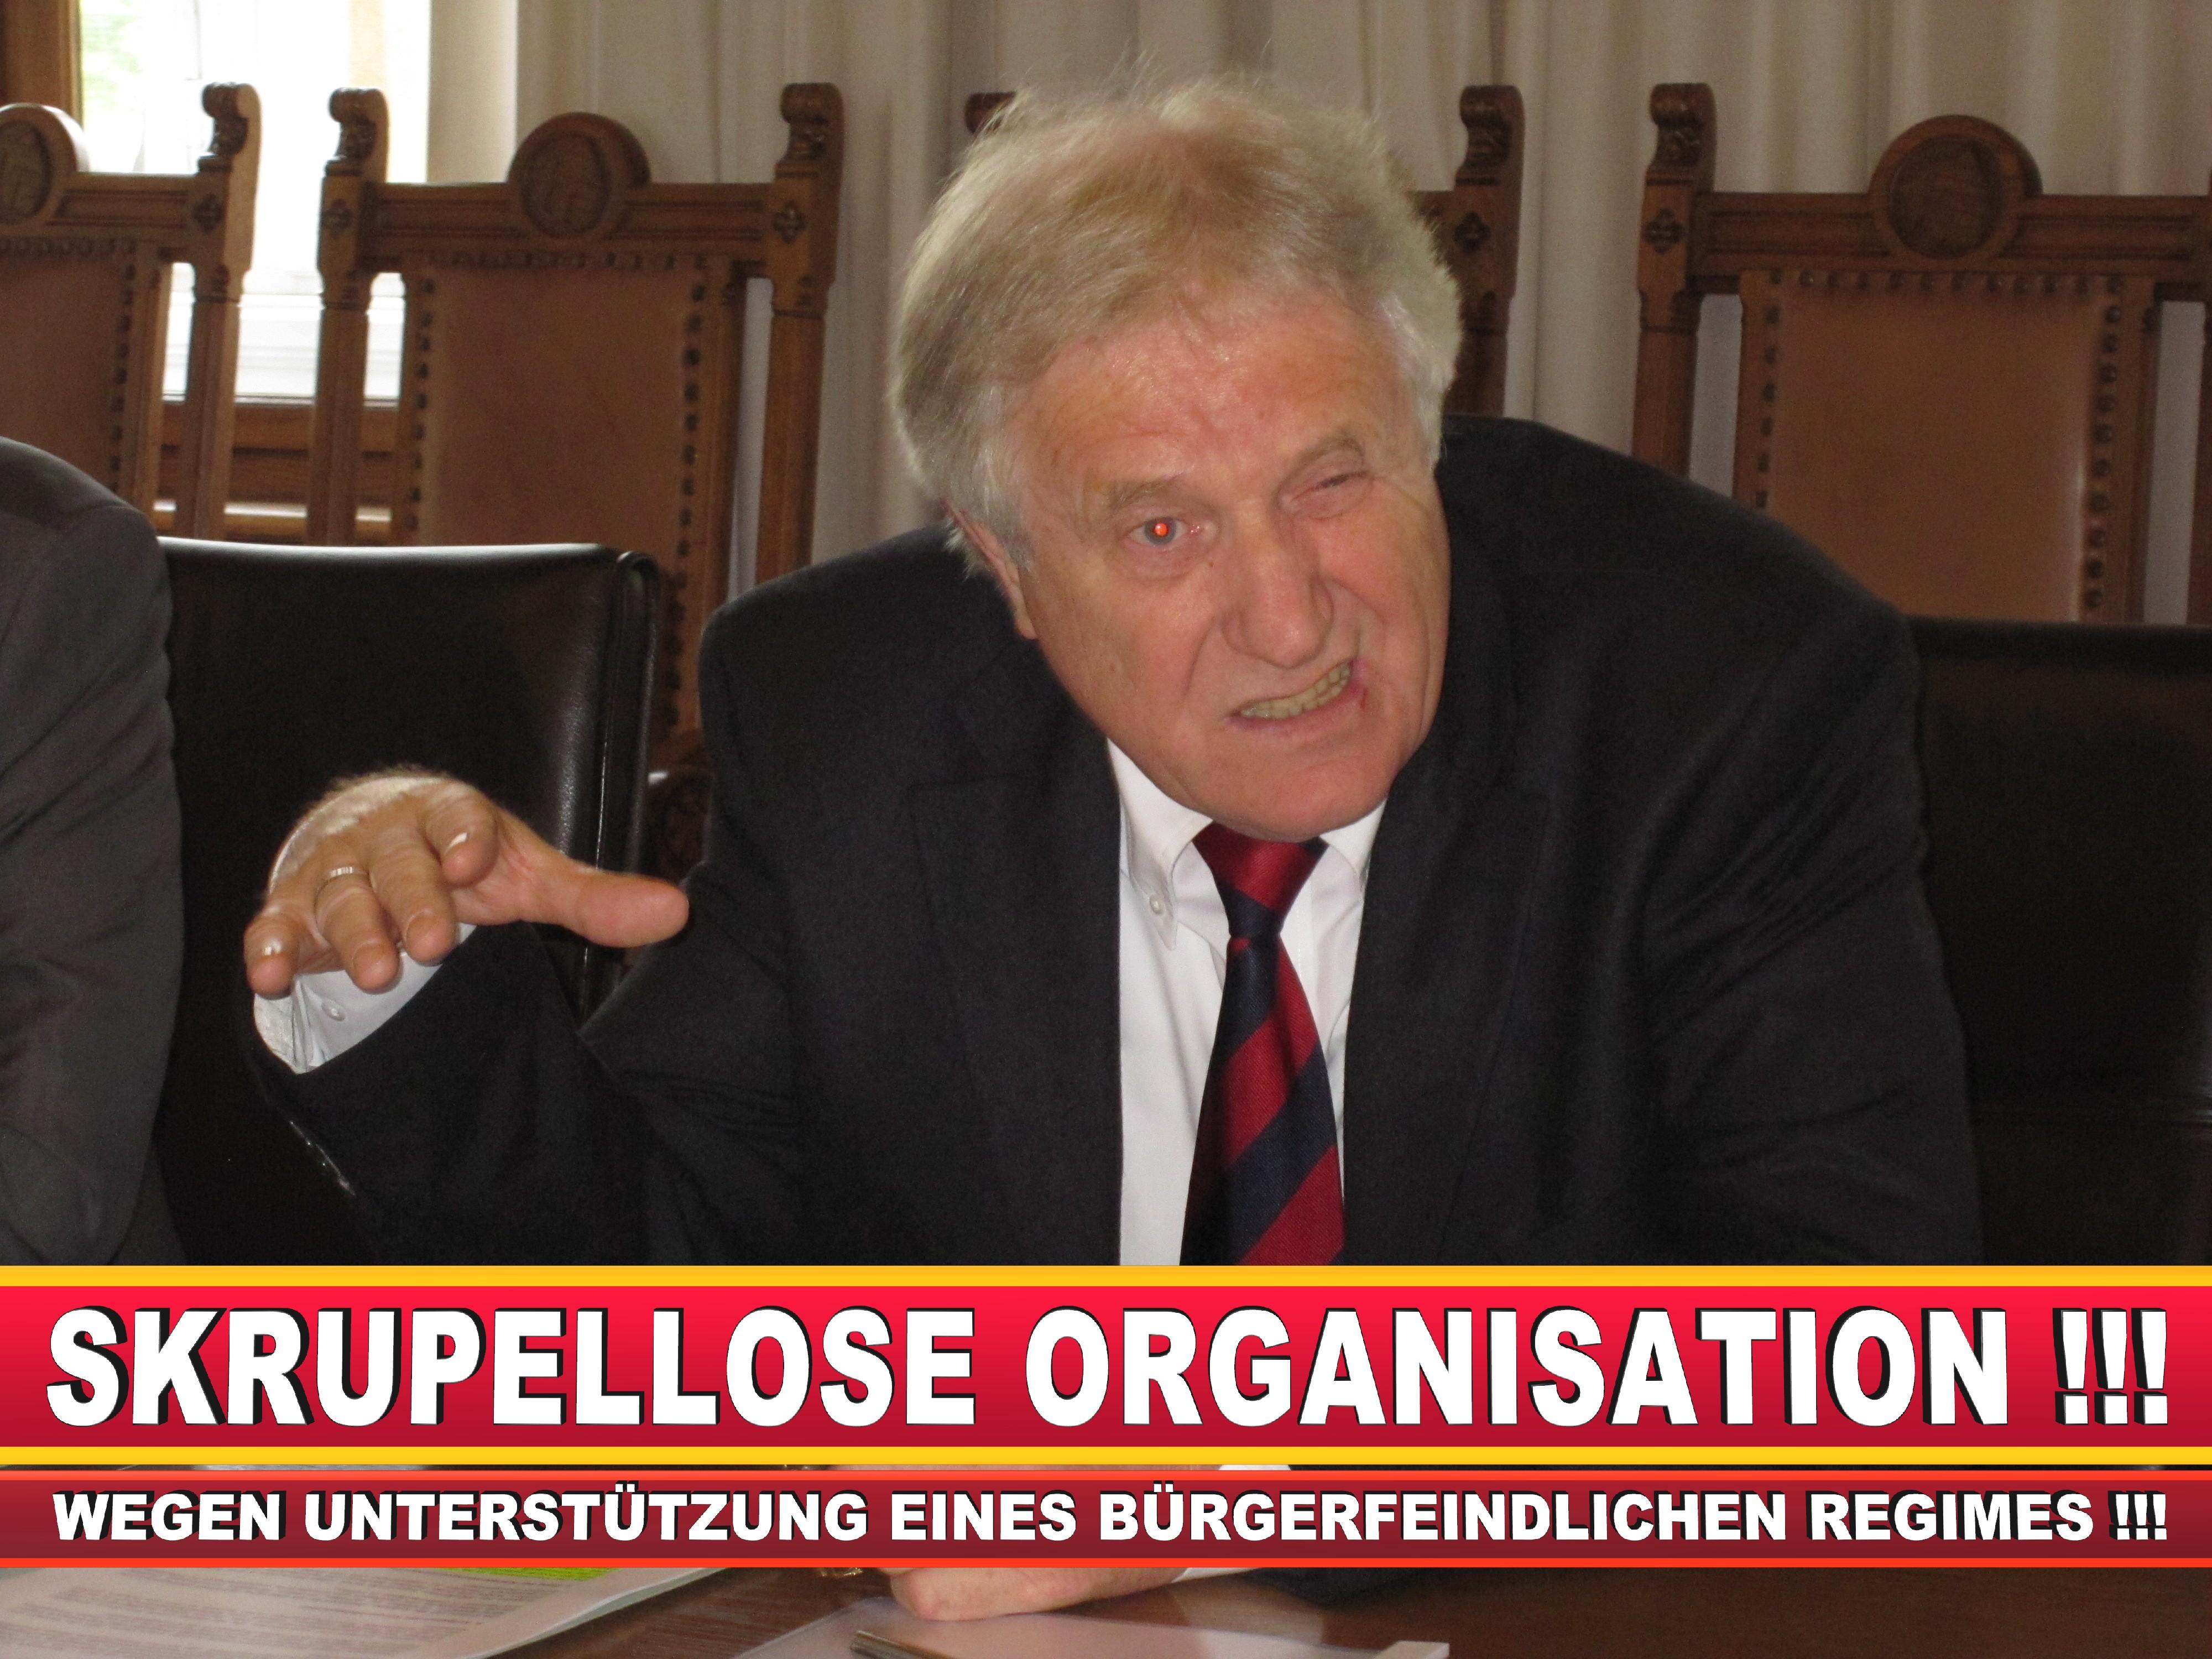 Polizeipräsident Erwin Südfeld Bielefeld Oberbürgermeister Bürgermeister Peter Clausen Pit Clausen Bielefeld (29)